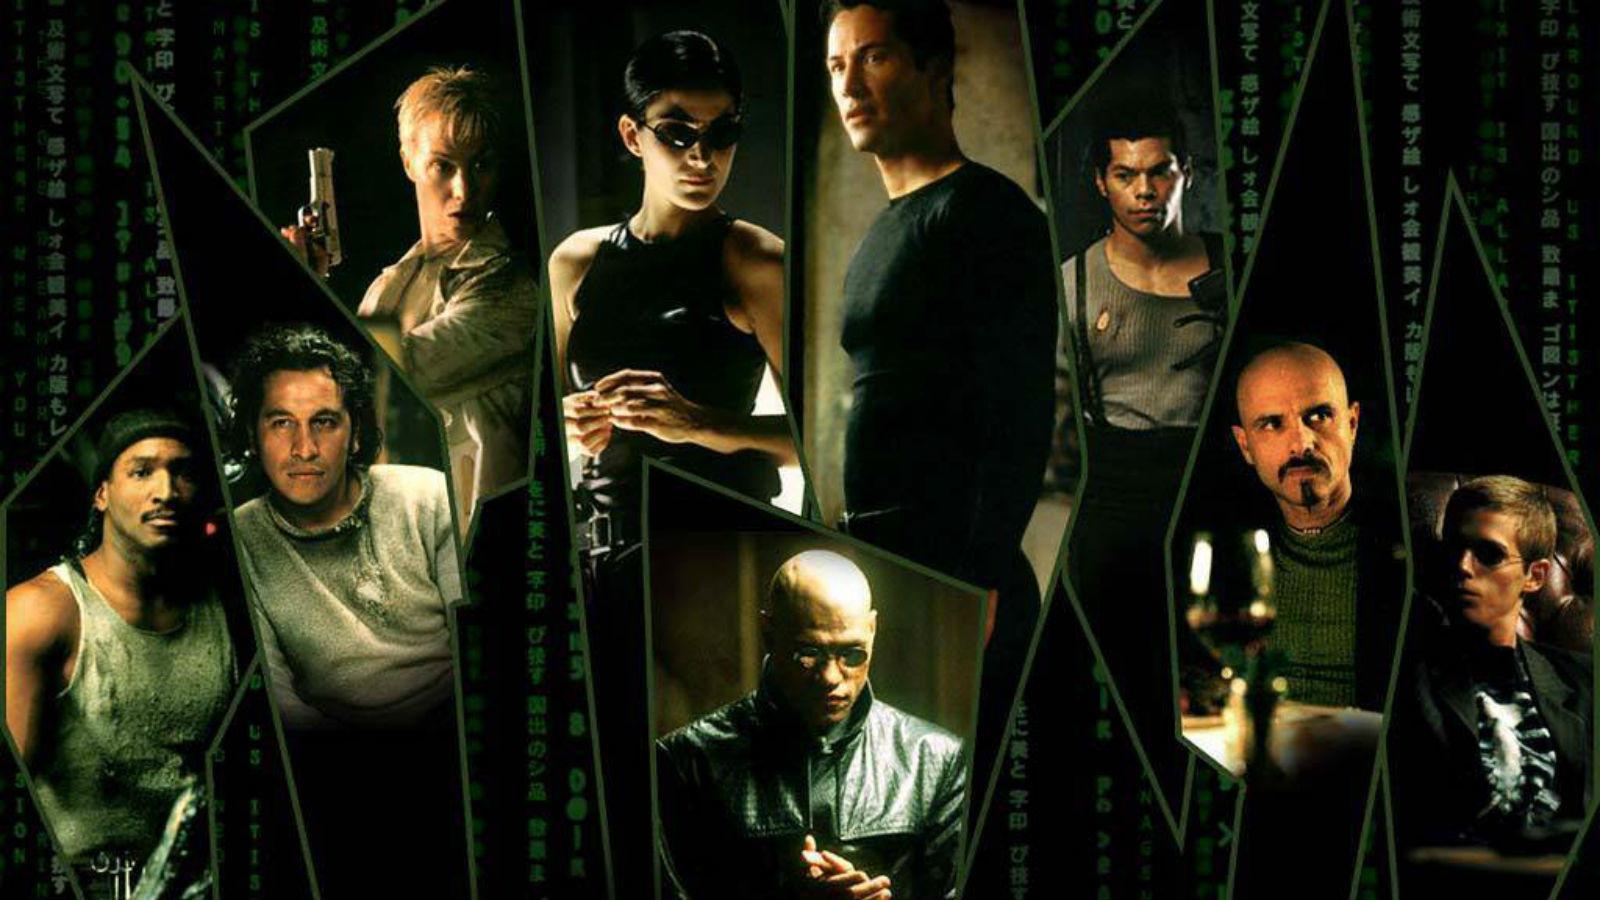 A Mátrixot majdnem 19 évvel ezelőtt mutatták be, a film pedig azonnal meghódította a mozirajongókat. Ki ne emlékezne Neóra, Morpheusra és Trinity-re, vagy a fékezhetetlen Smith ügynökre. Megmutatjuk mi történt az őket alakító színészekkel az elmúlt majdnem két évtizedben, a trilógia befejező részét 30-án este VIASAT3 műsorán. (Warner Bros.)